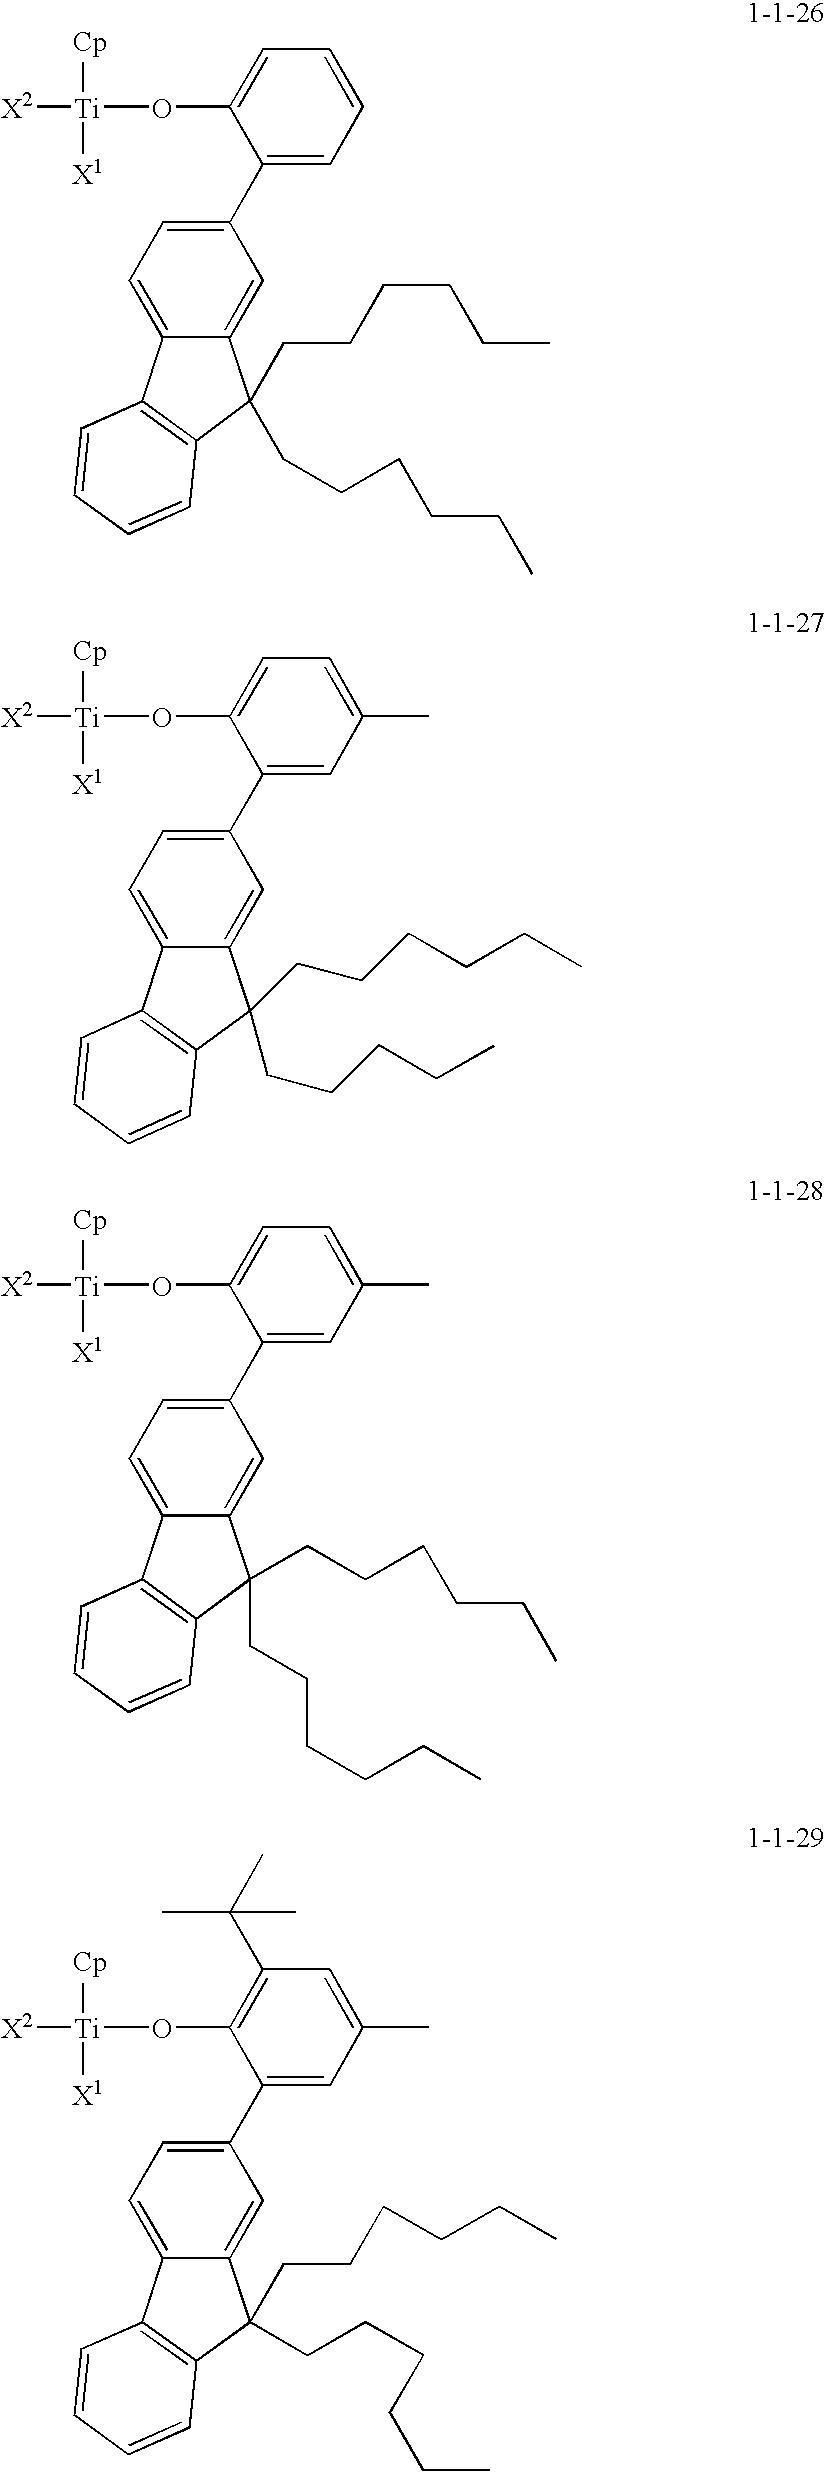 Figure US20100081776A1-20100401-C00076